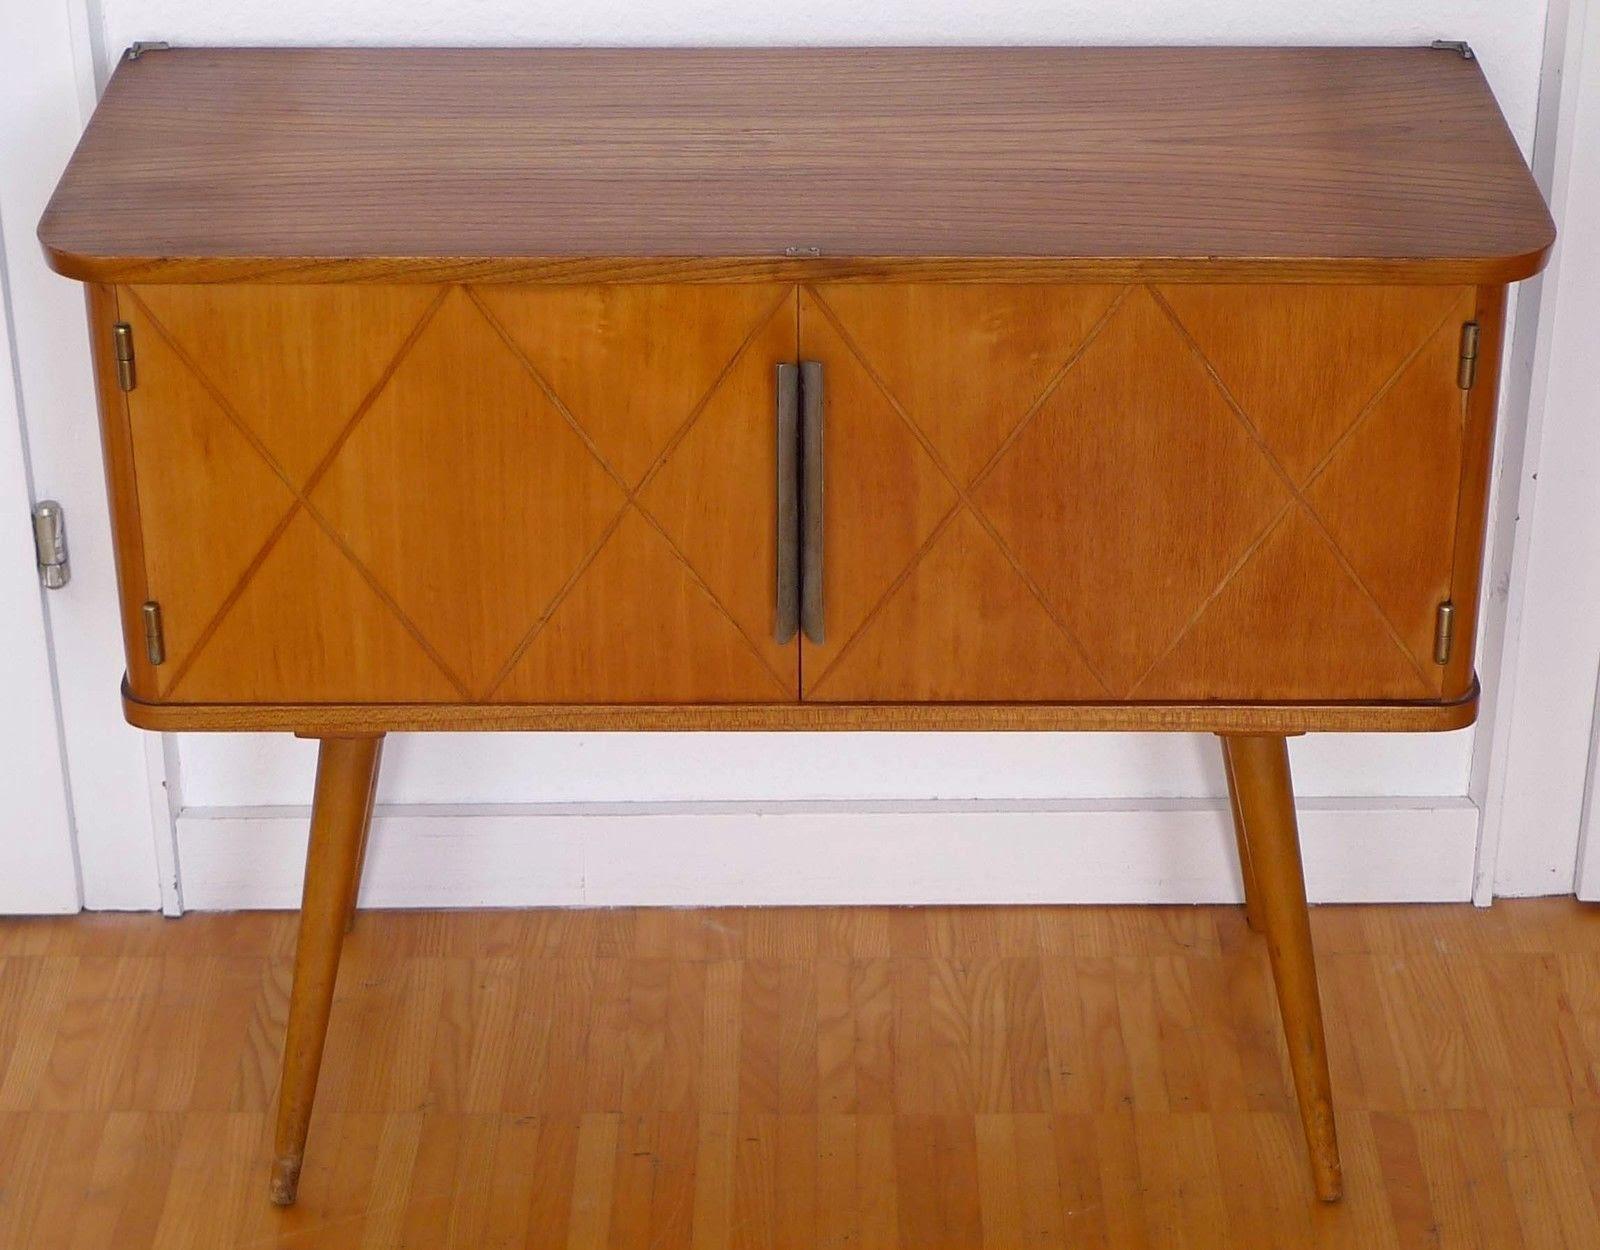 Area vintage dise o mueble auxiliar c moda - Mueble recibidor vintage ...